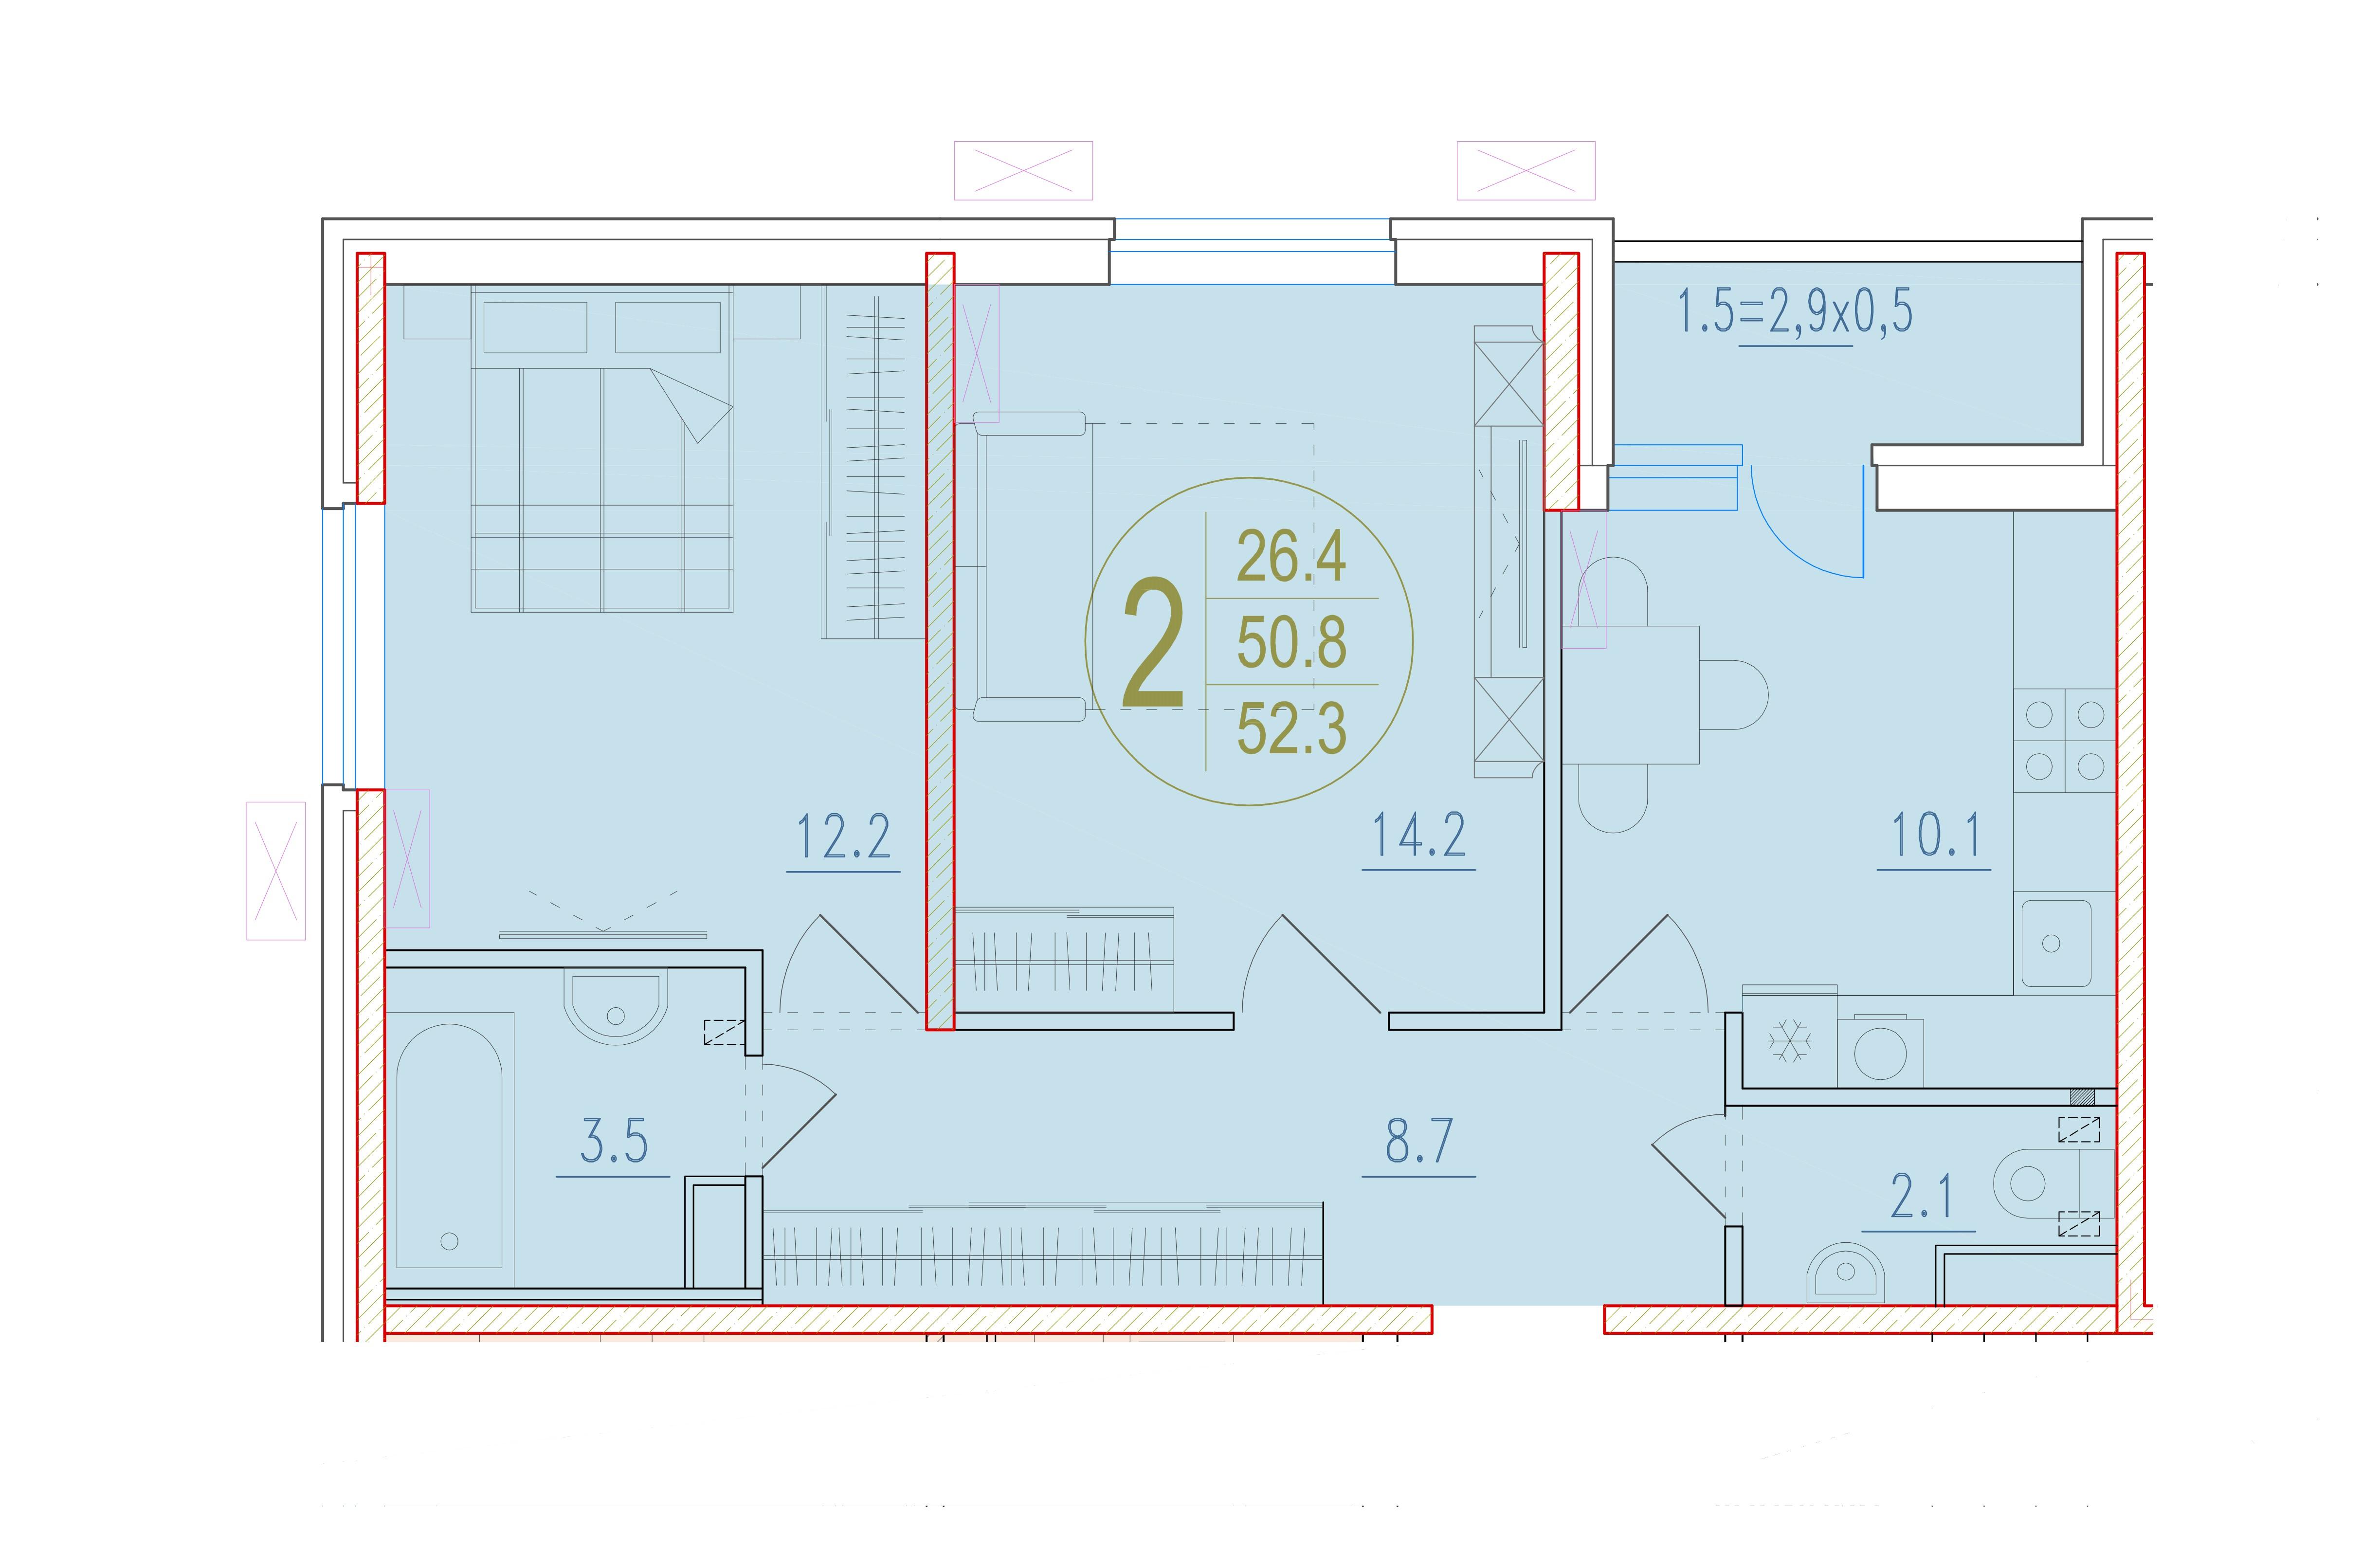 2-комнатная 52.3<span>м<sup>2</sup></span>